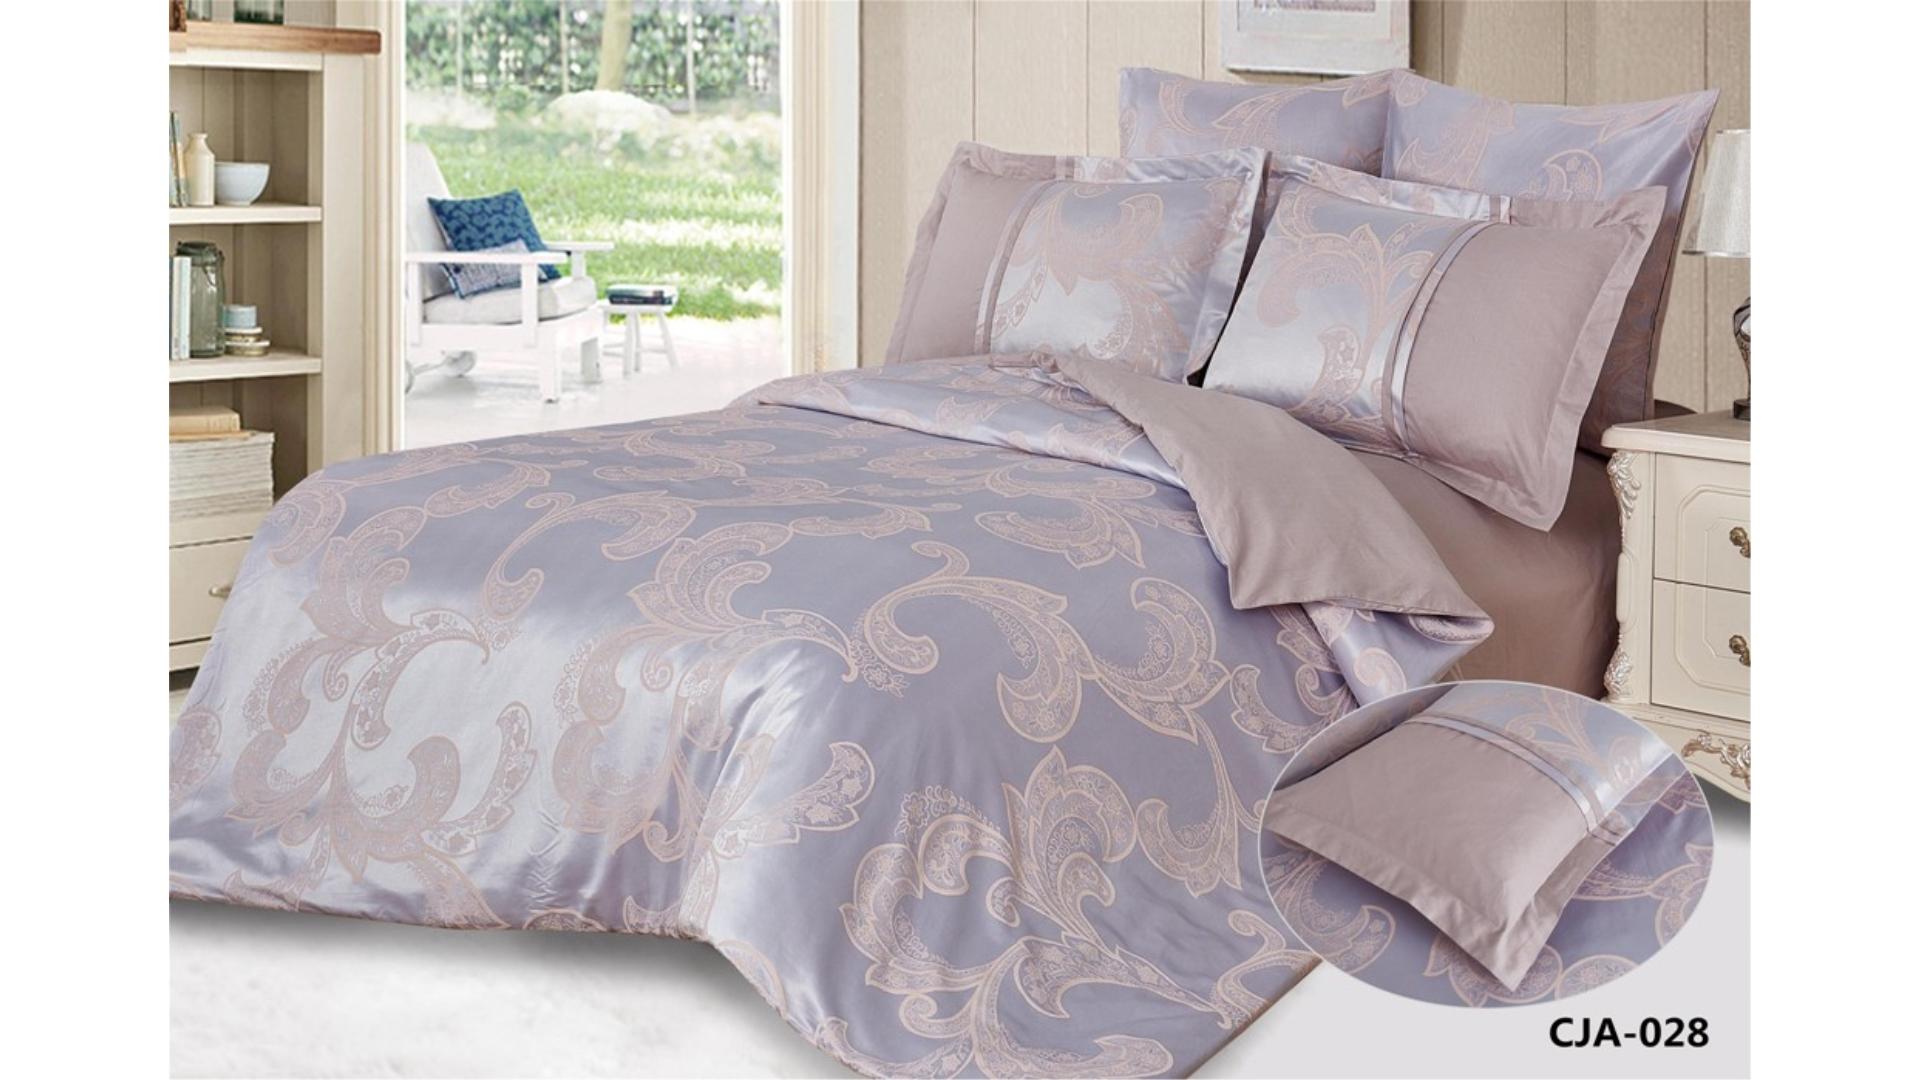 Комплект постельного белья AlViTek (CJA-028) фото FullHD (0)